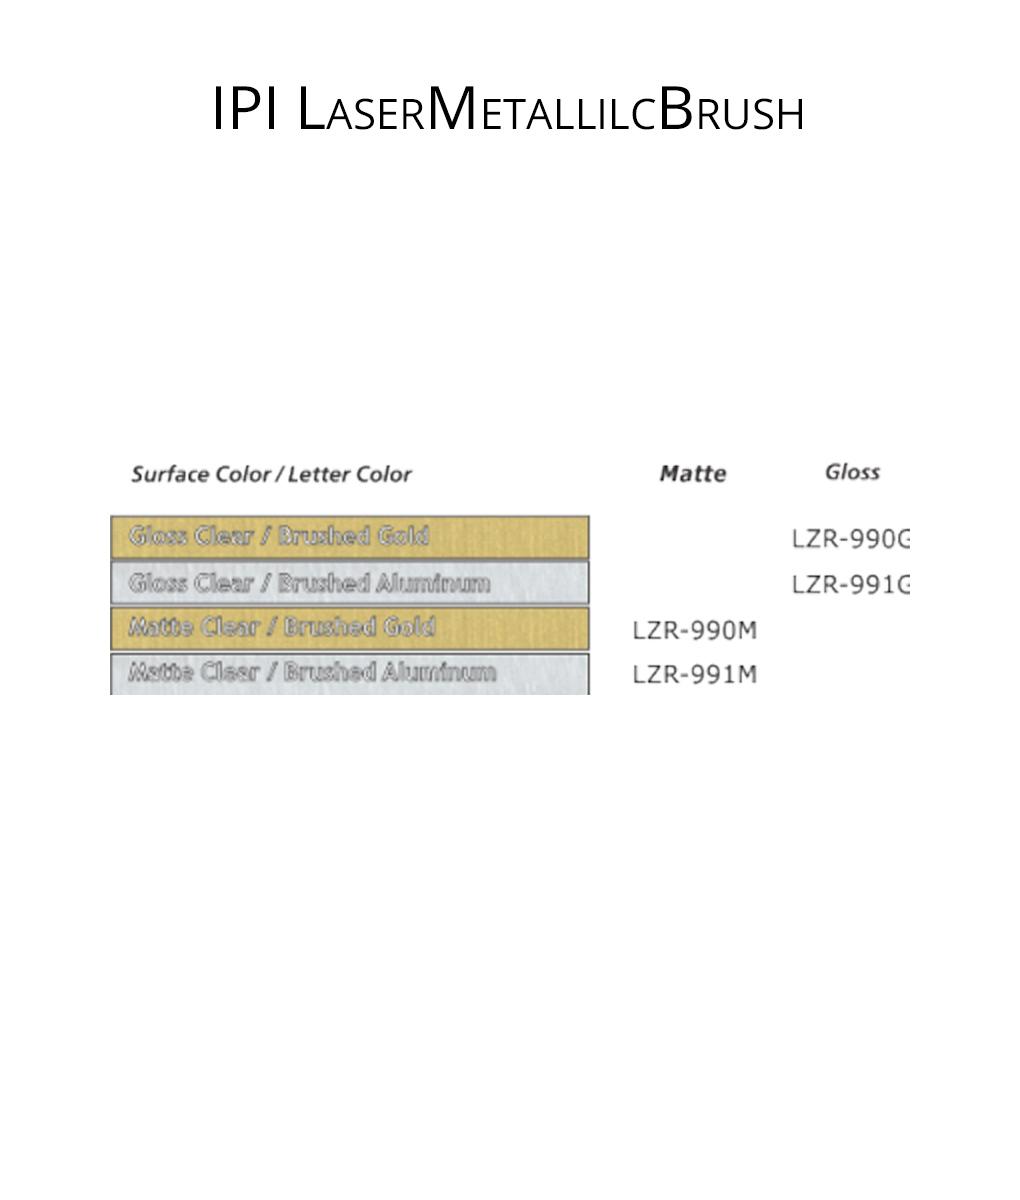 Ipi Quote Ipi Lasermetallicbrush  Main Trophy Supply